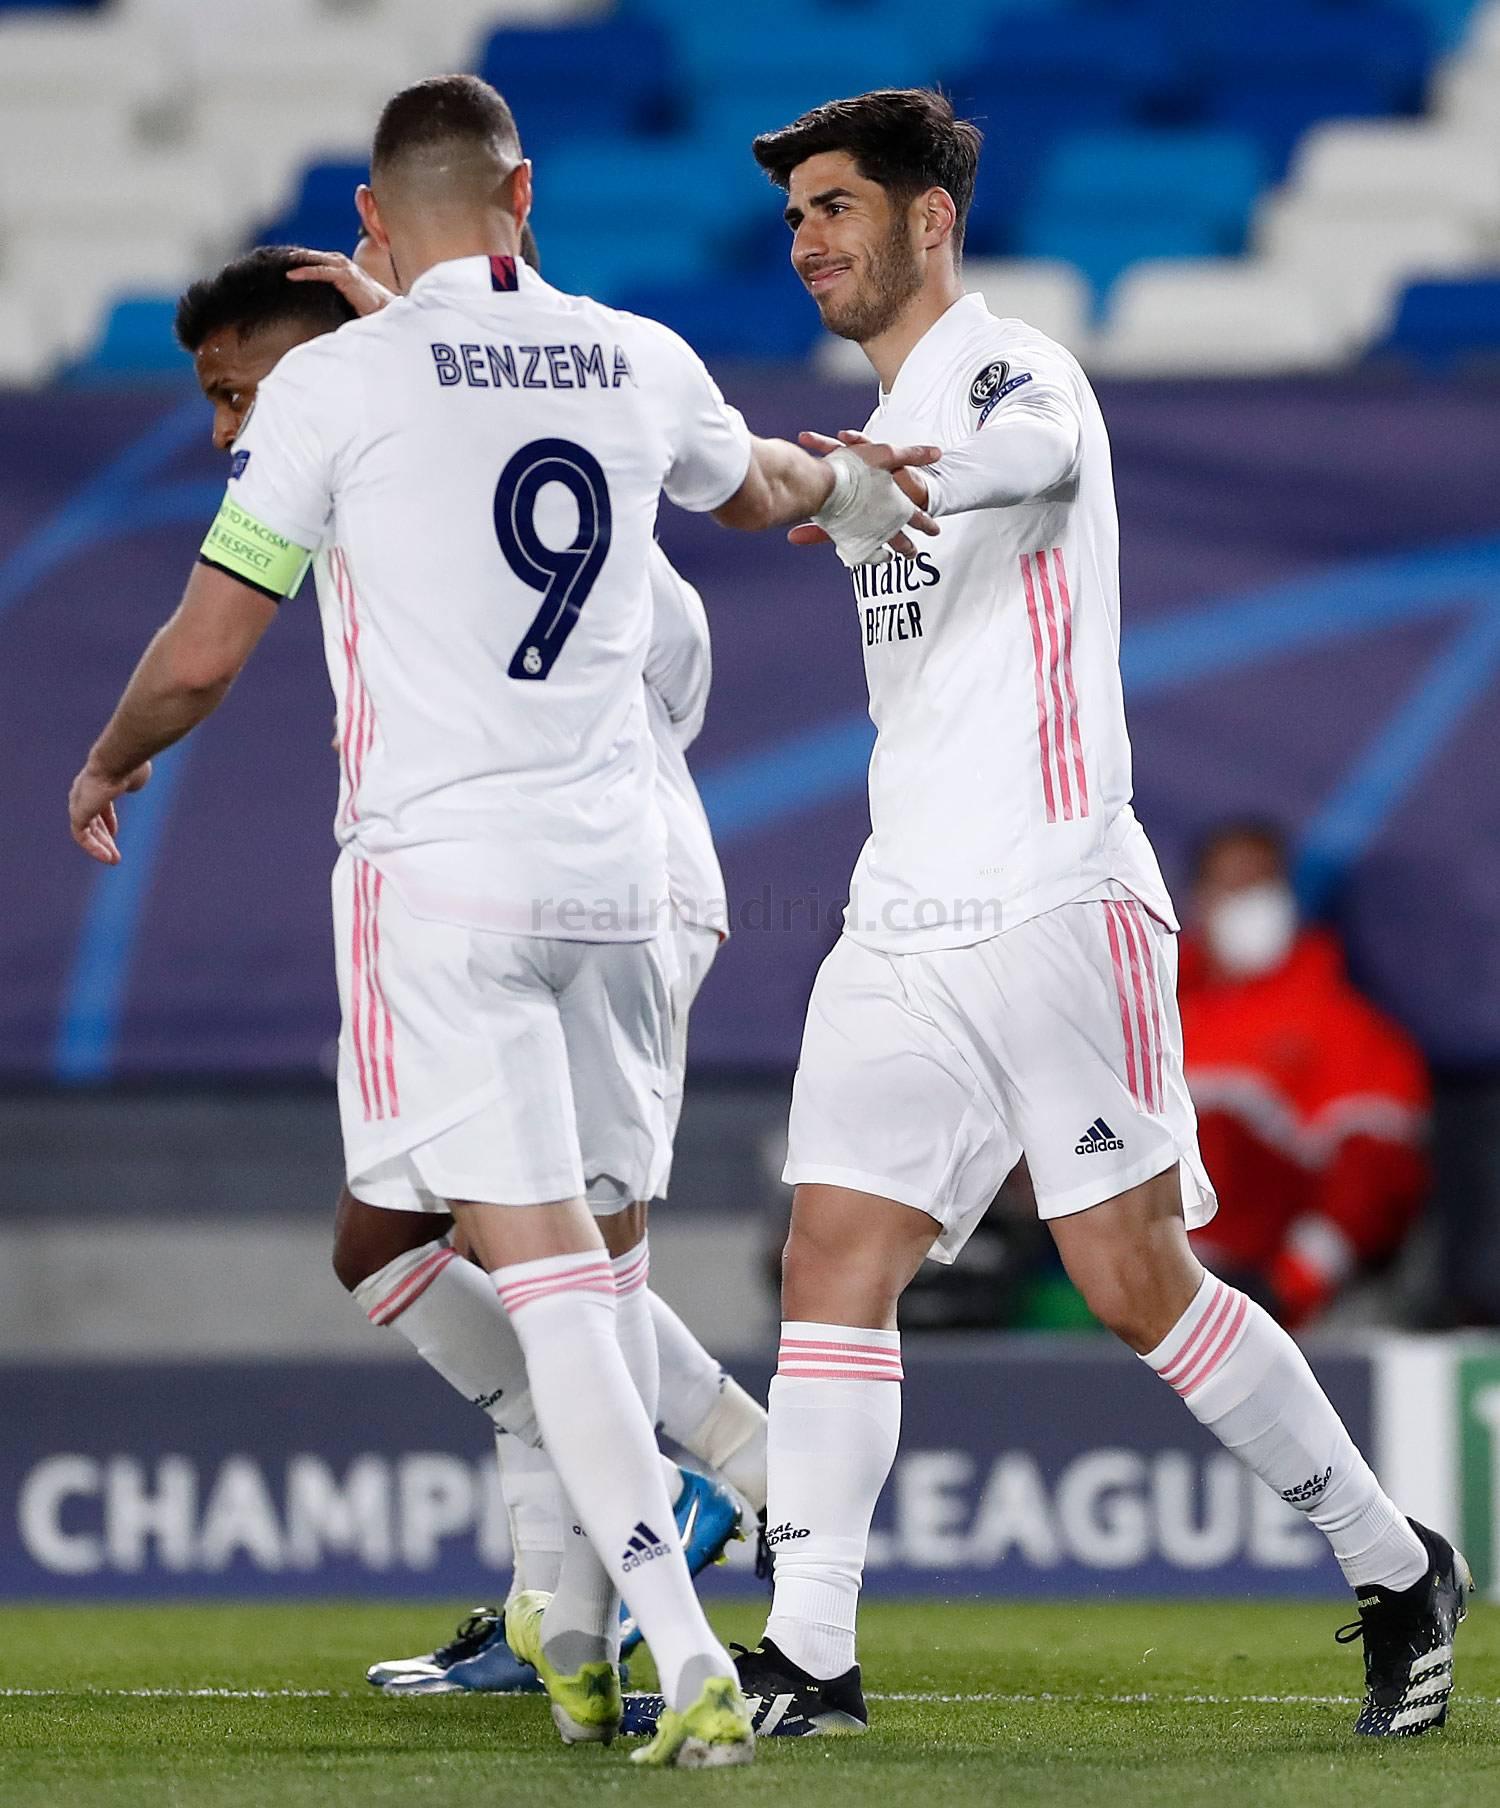 Real Madrid - Atalanta - 15-05-2021